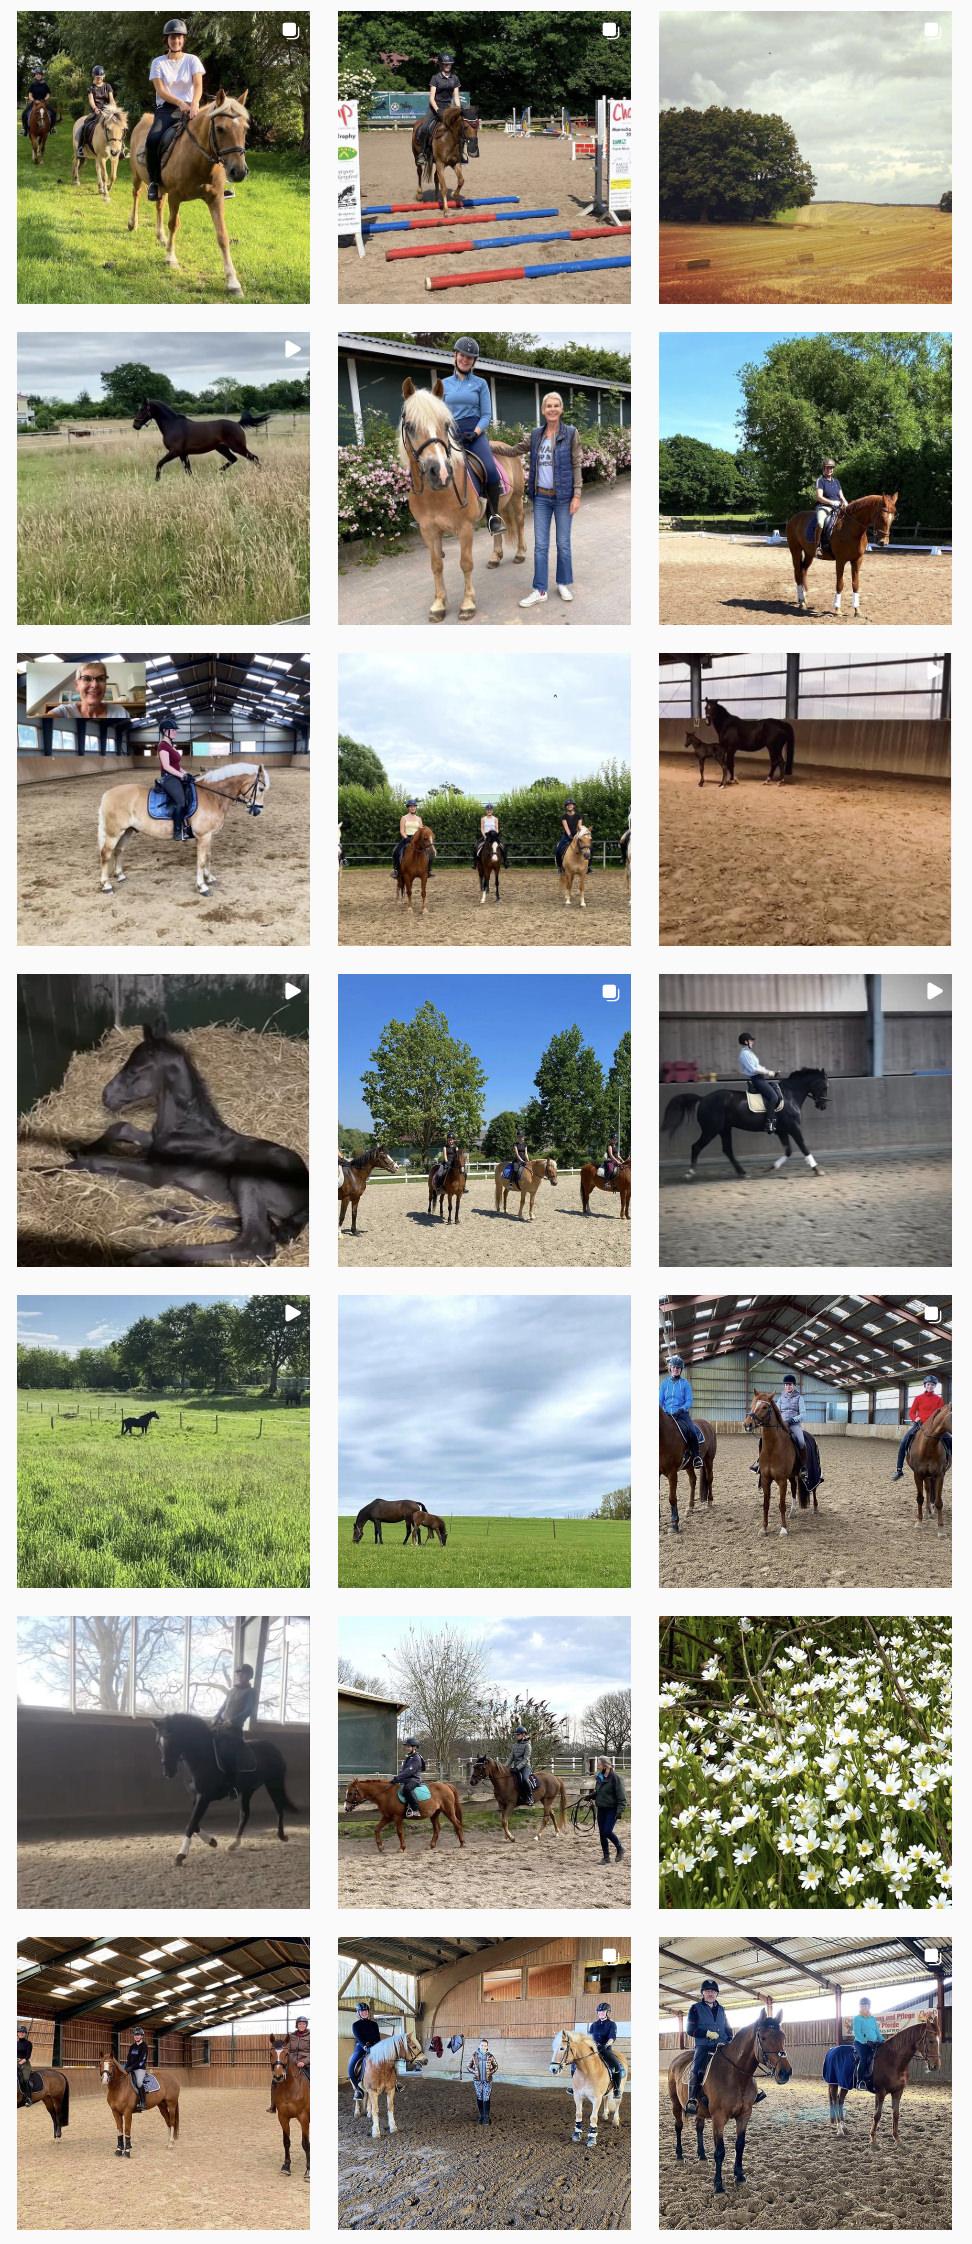 PferdeStephie auf Instagram